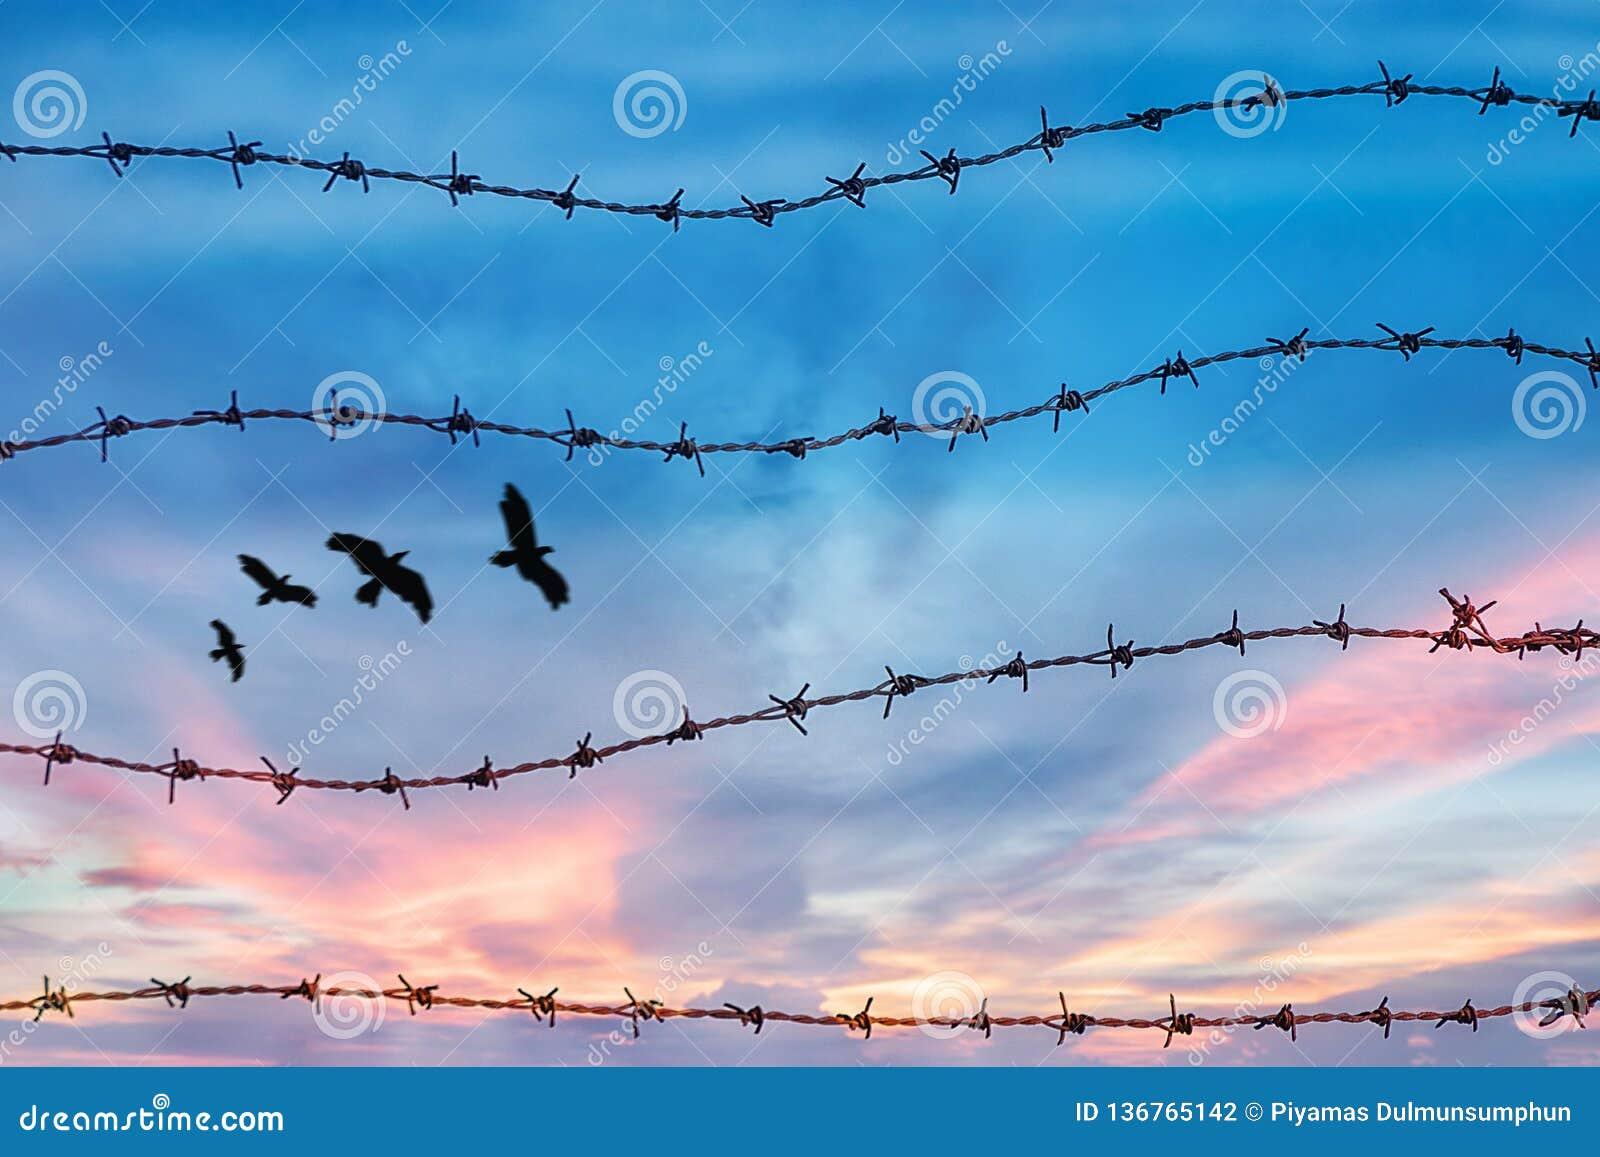 Ελευθερία και έννοια των ανθρώπινων δικαιωμάτων σκιαγραφία του ελεύθερου πουλιού που πετά στον ουρανό πίσω από οδοντωτό - καλώδιο